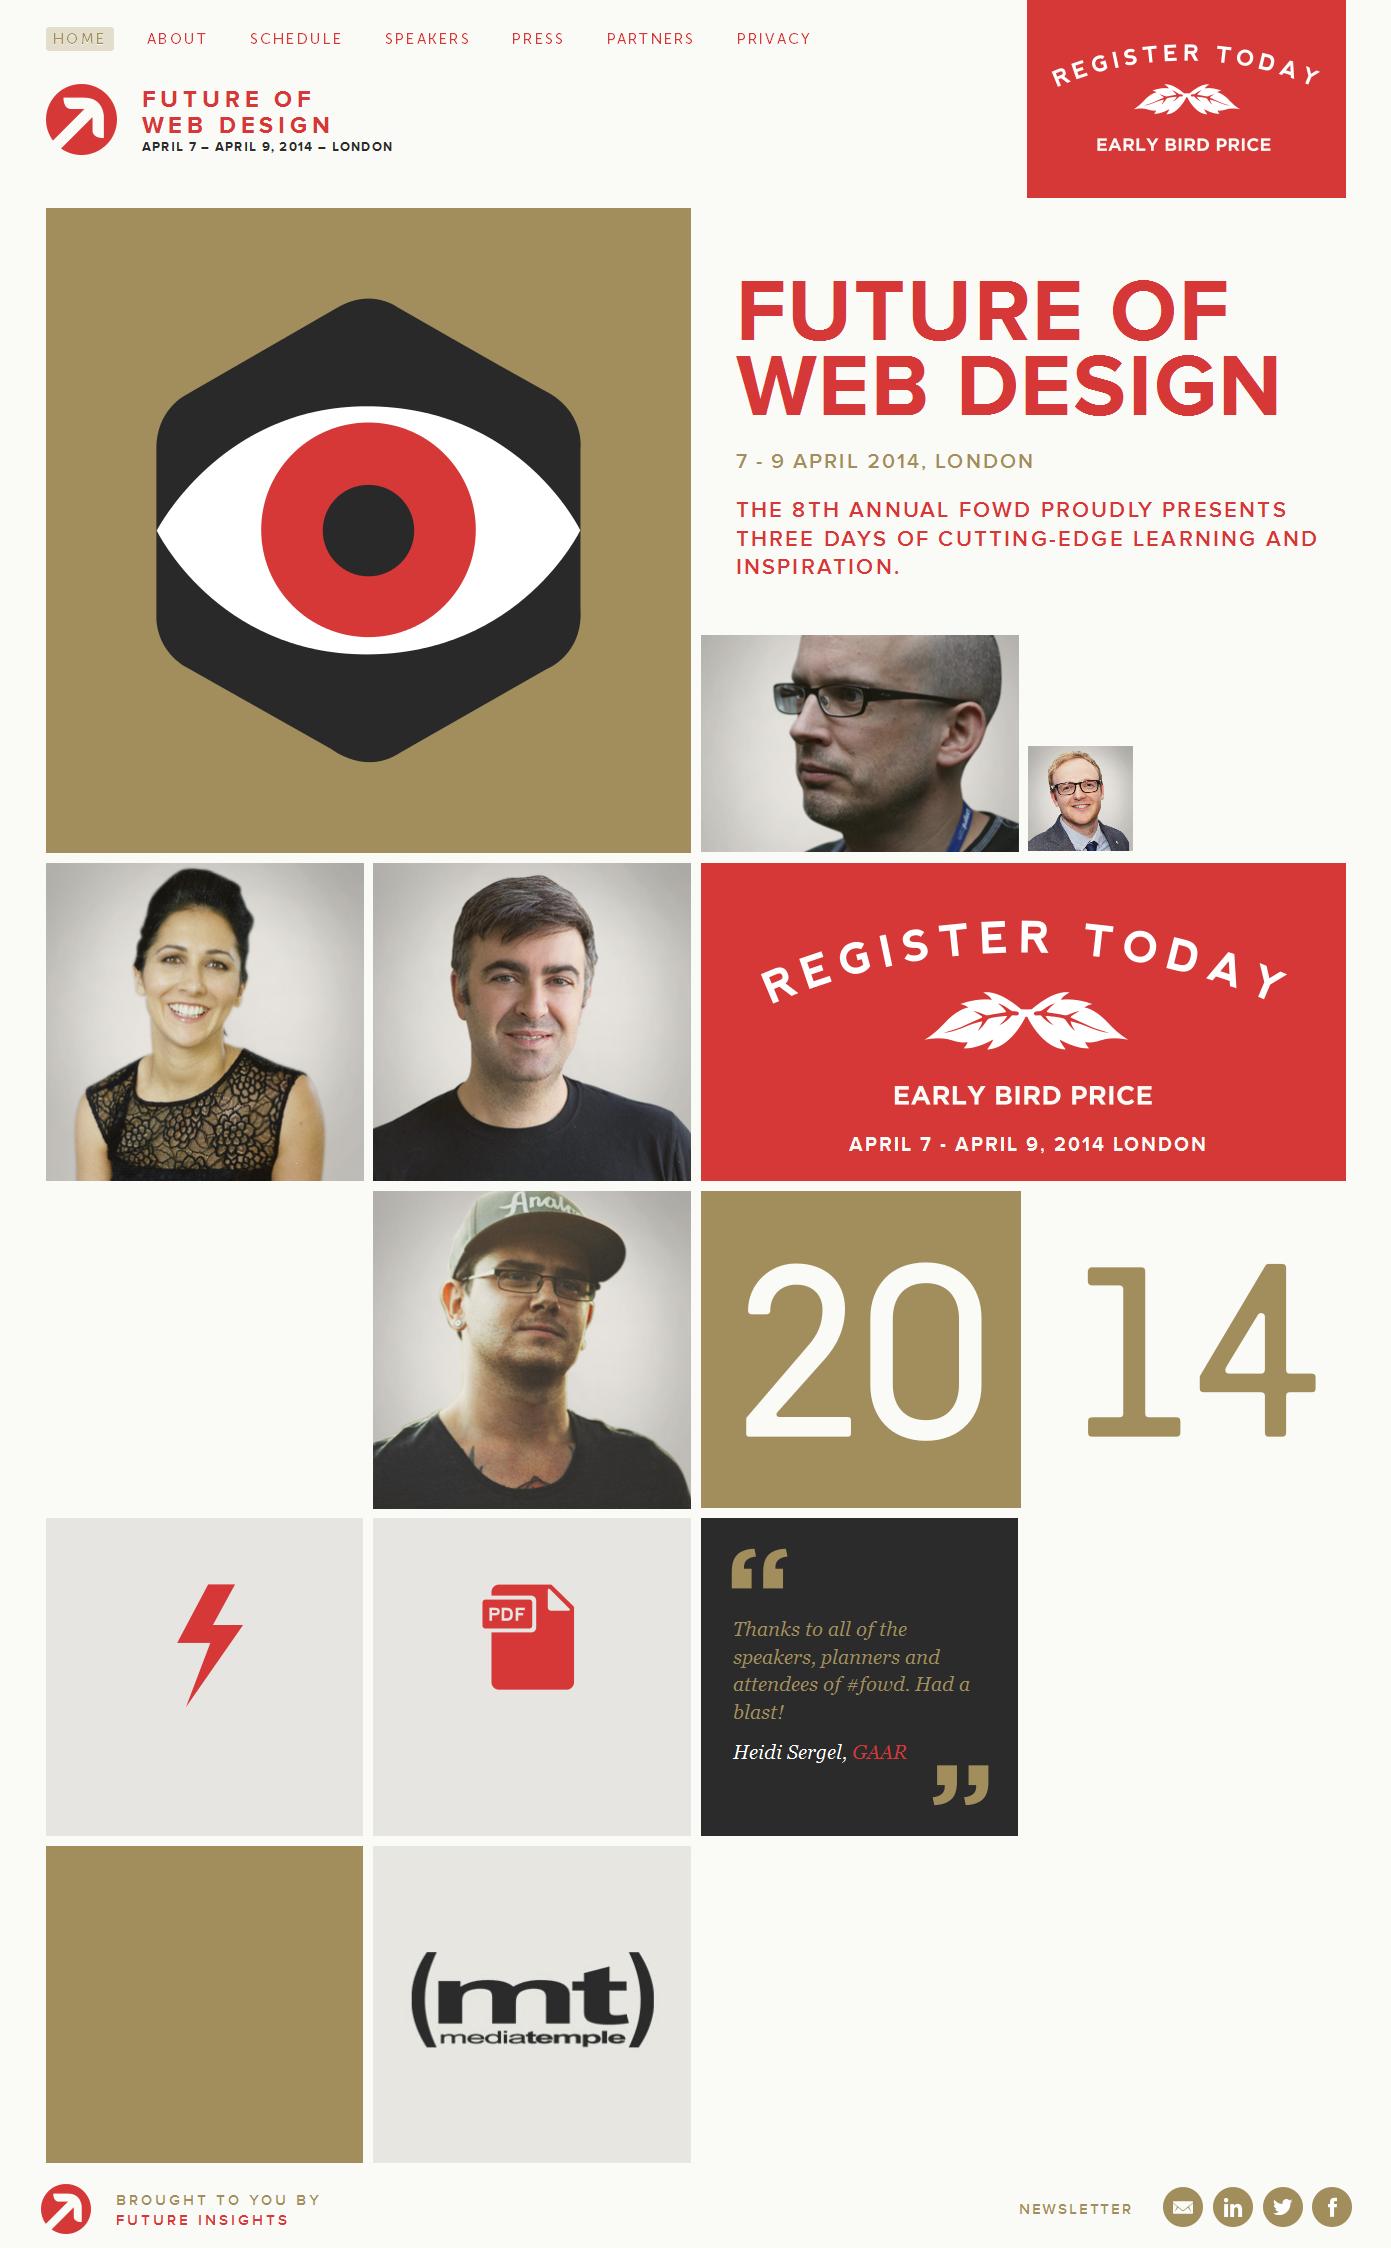 Future of web design 2014 웹디자인